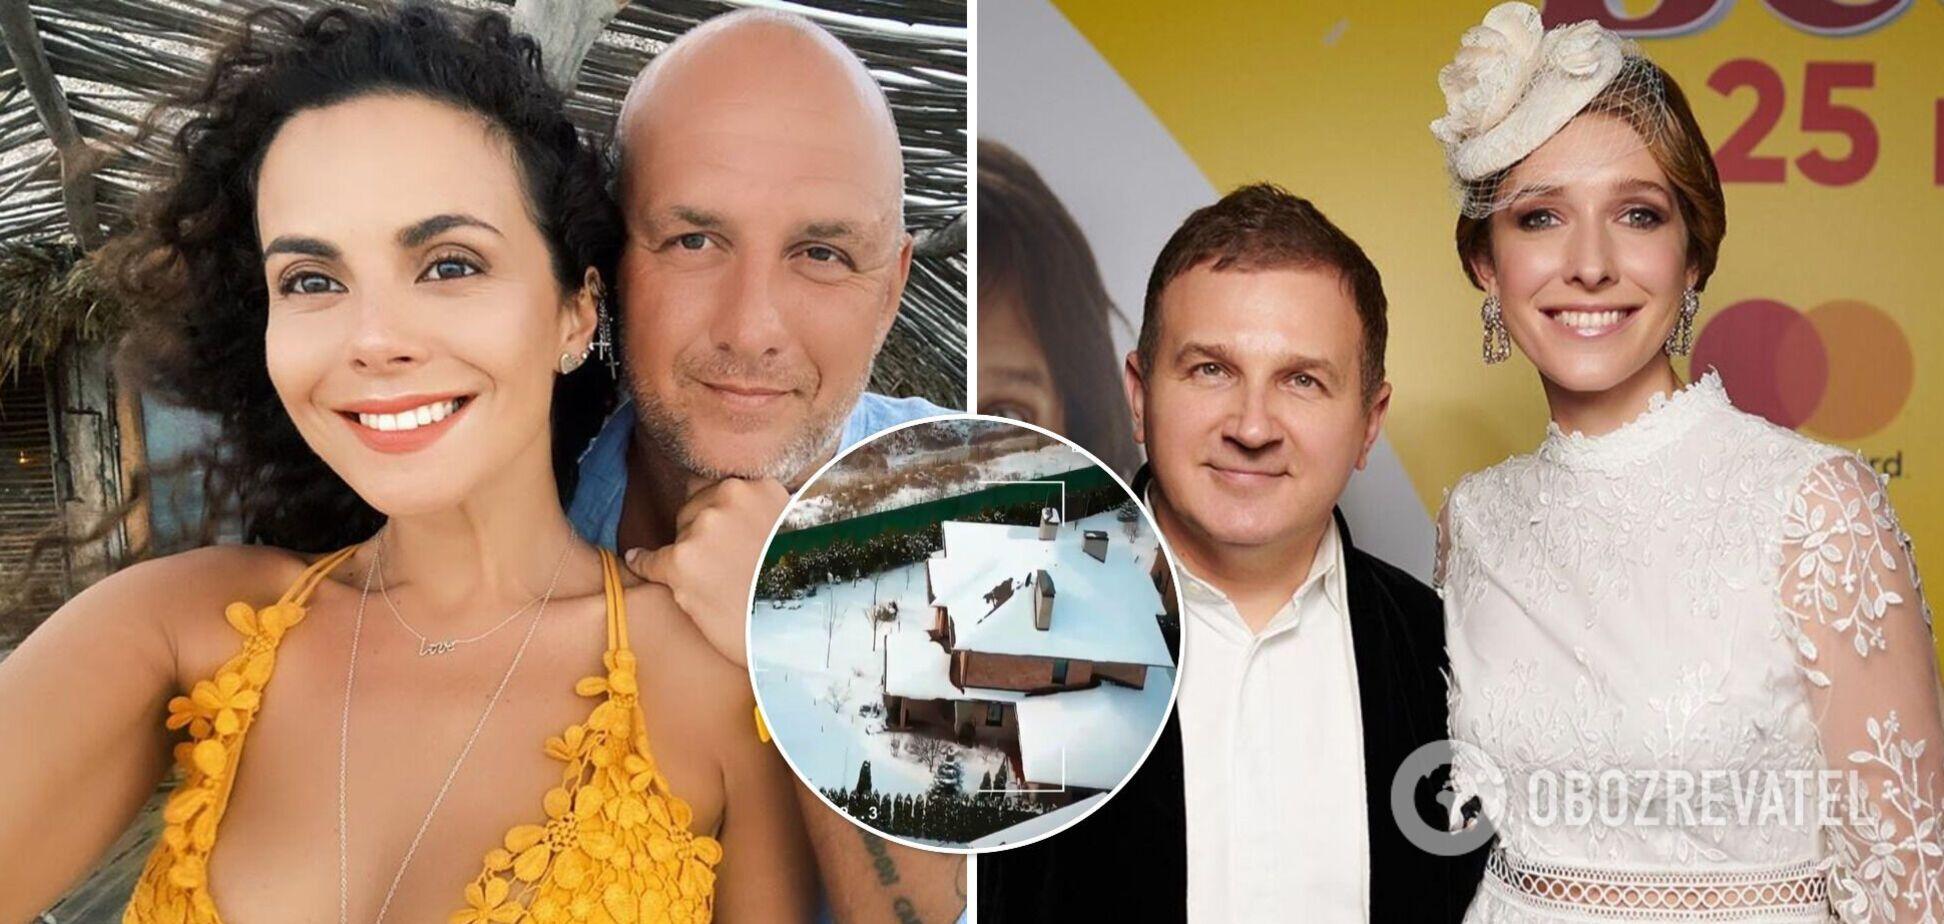 СМИ назвали стоимость особняков Потапа и Каменских, Горбунова и Осадчей